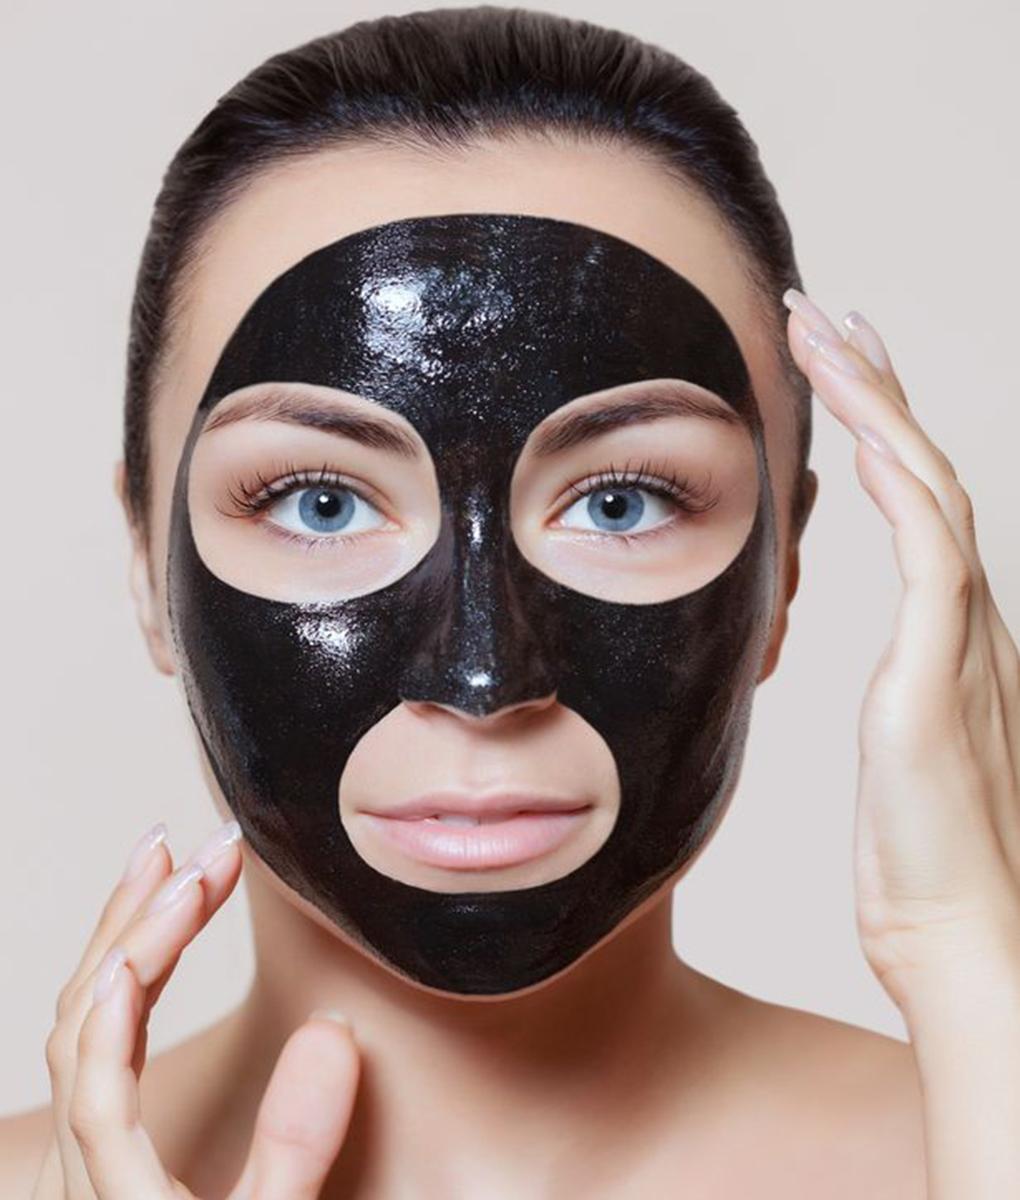 1574481277 678 1 1574419072 width1020height1200 - Bí quyết đắp mặt nạ đúng cách khi dưỡng da để đạt hiệu quả tốt nhất